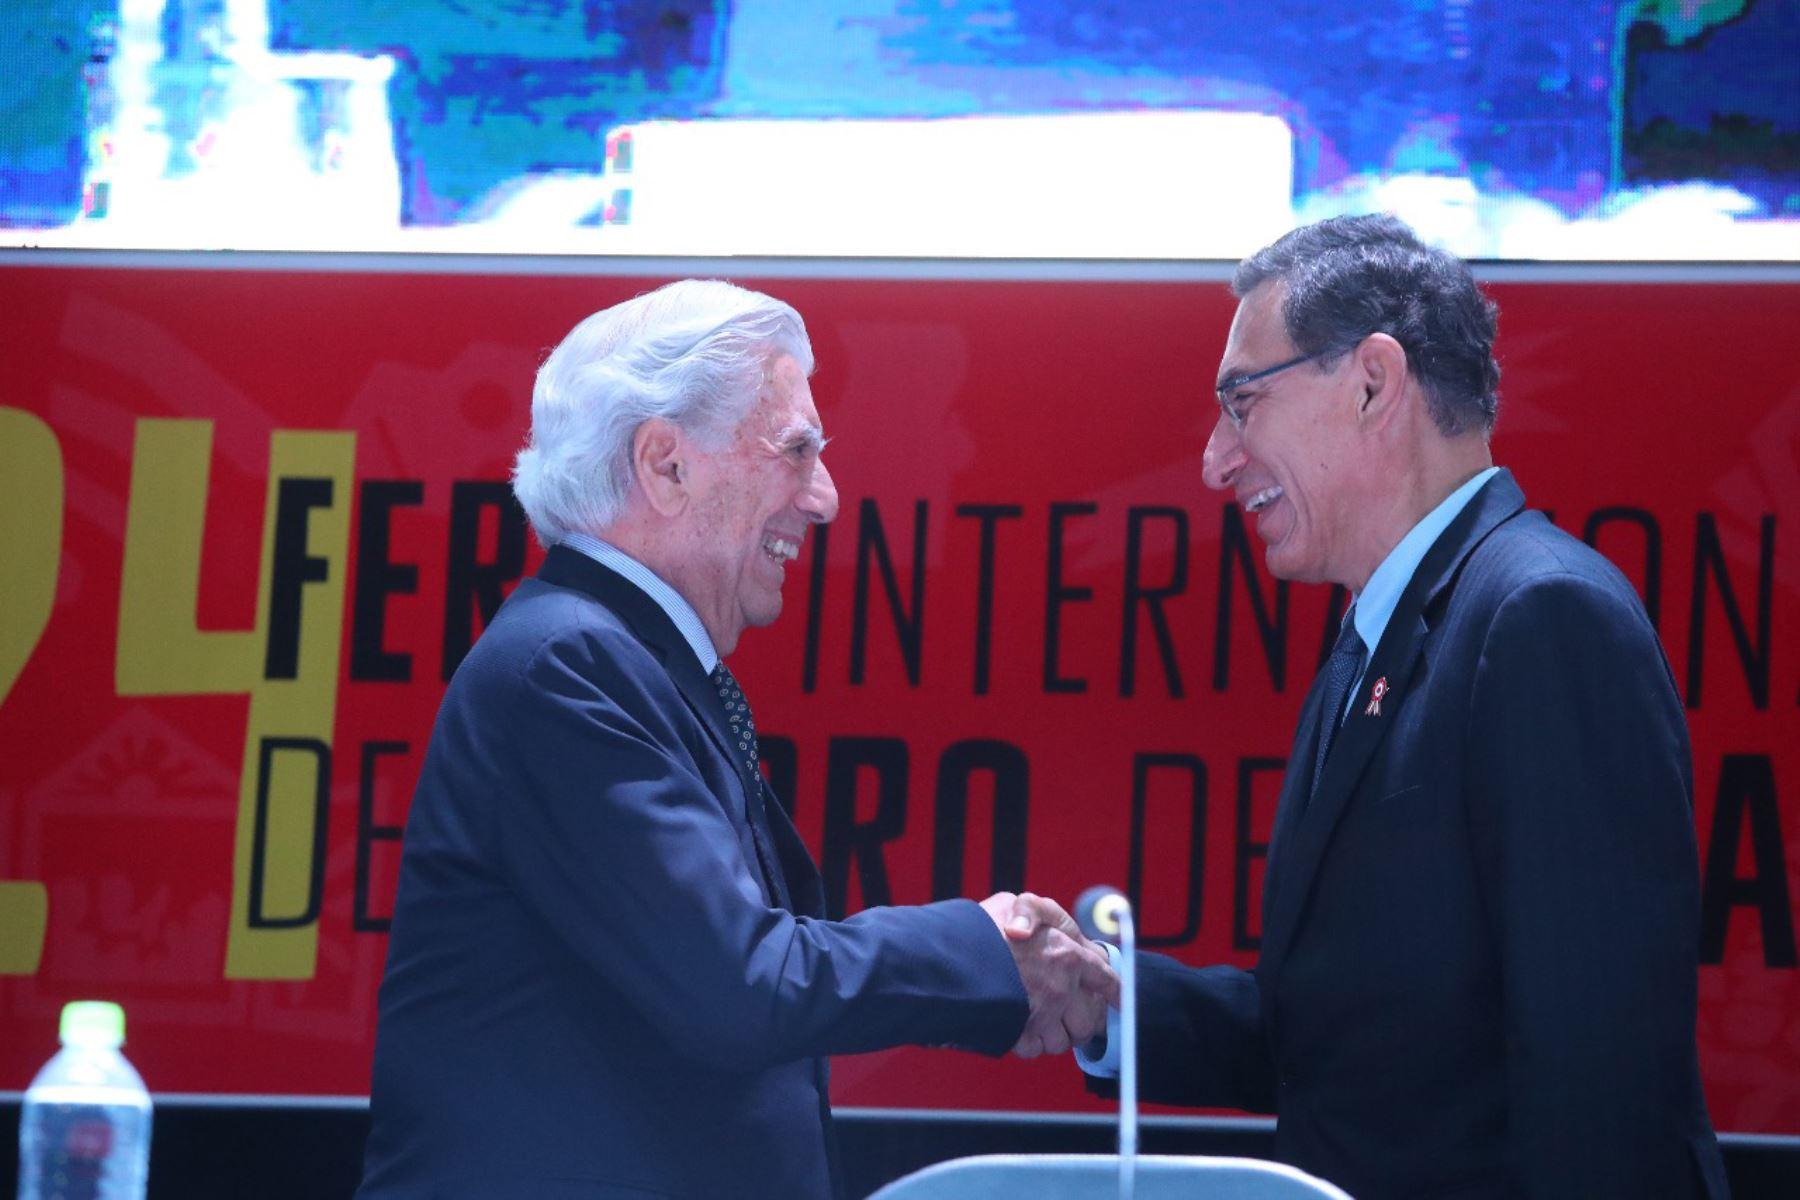 El escritor y Premio Nobel de Literatura Mario Vargas Llosa saluda al presidente Martin Vizcarra durante la inauguración de la 24ª Feria Internacional del Libro de Lima.FotoANDINA/Prensa Presidencia